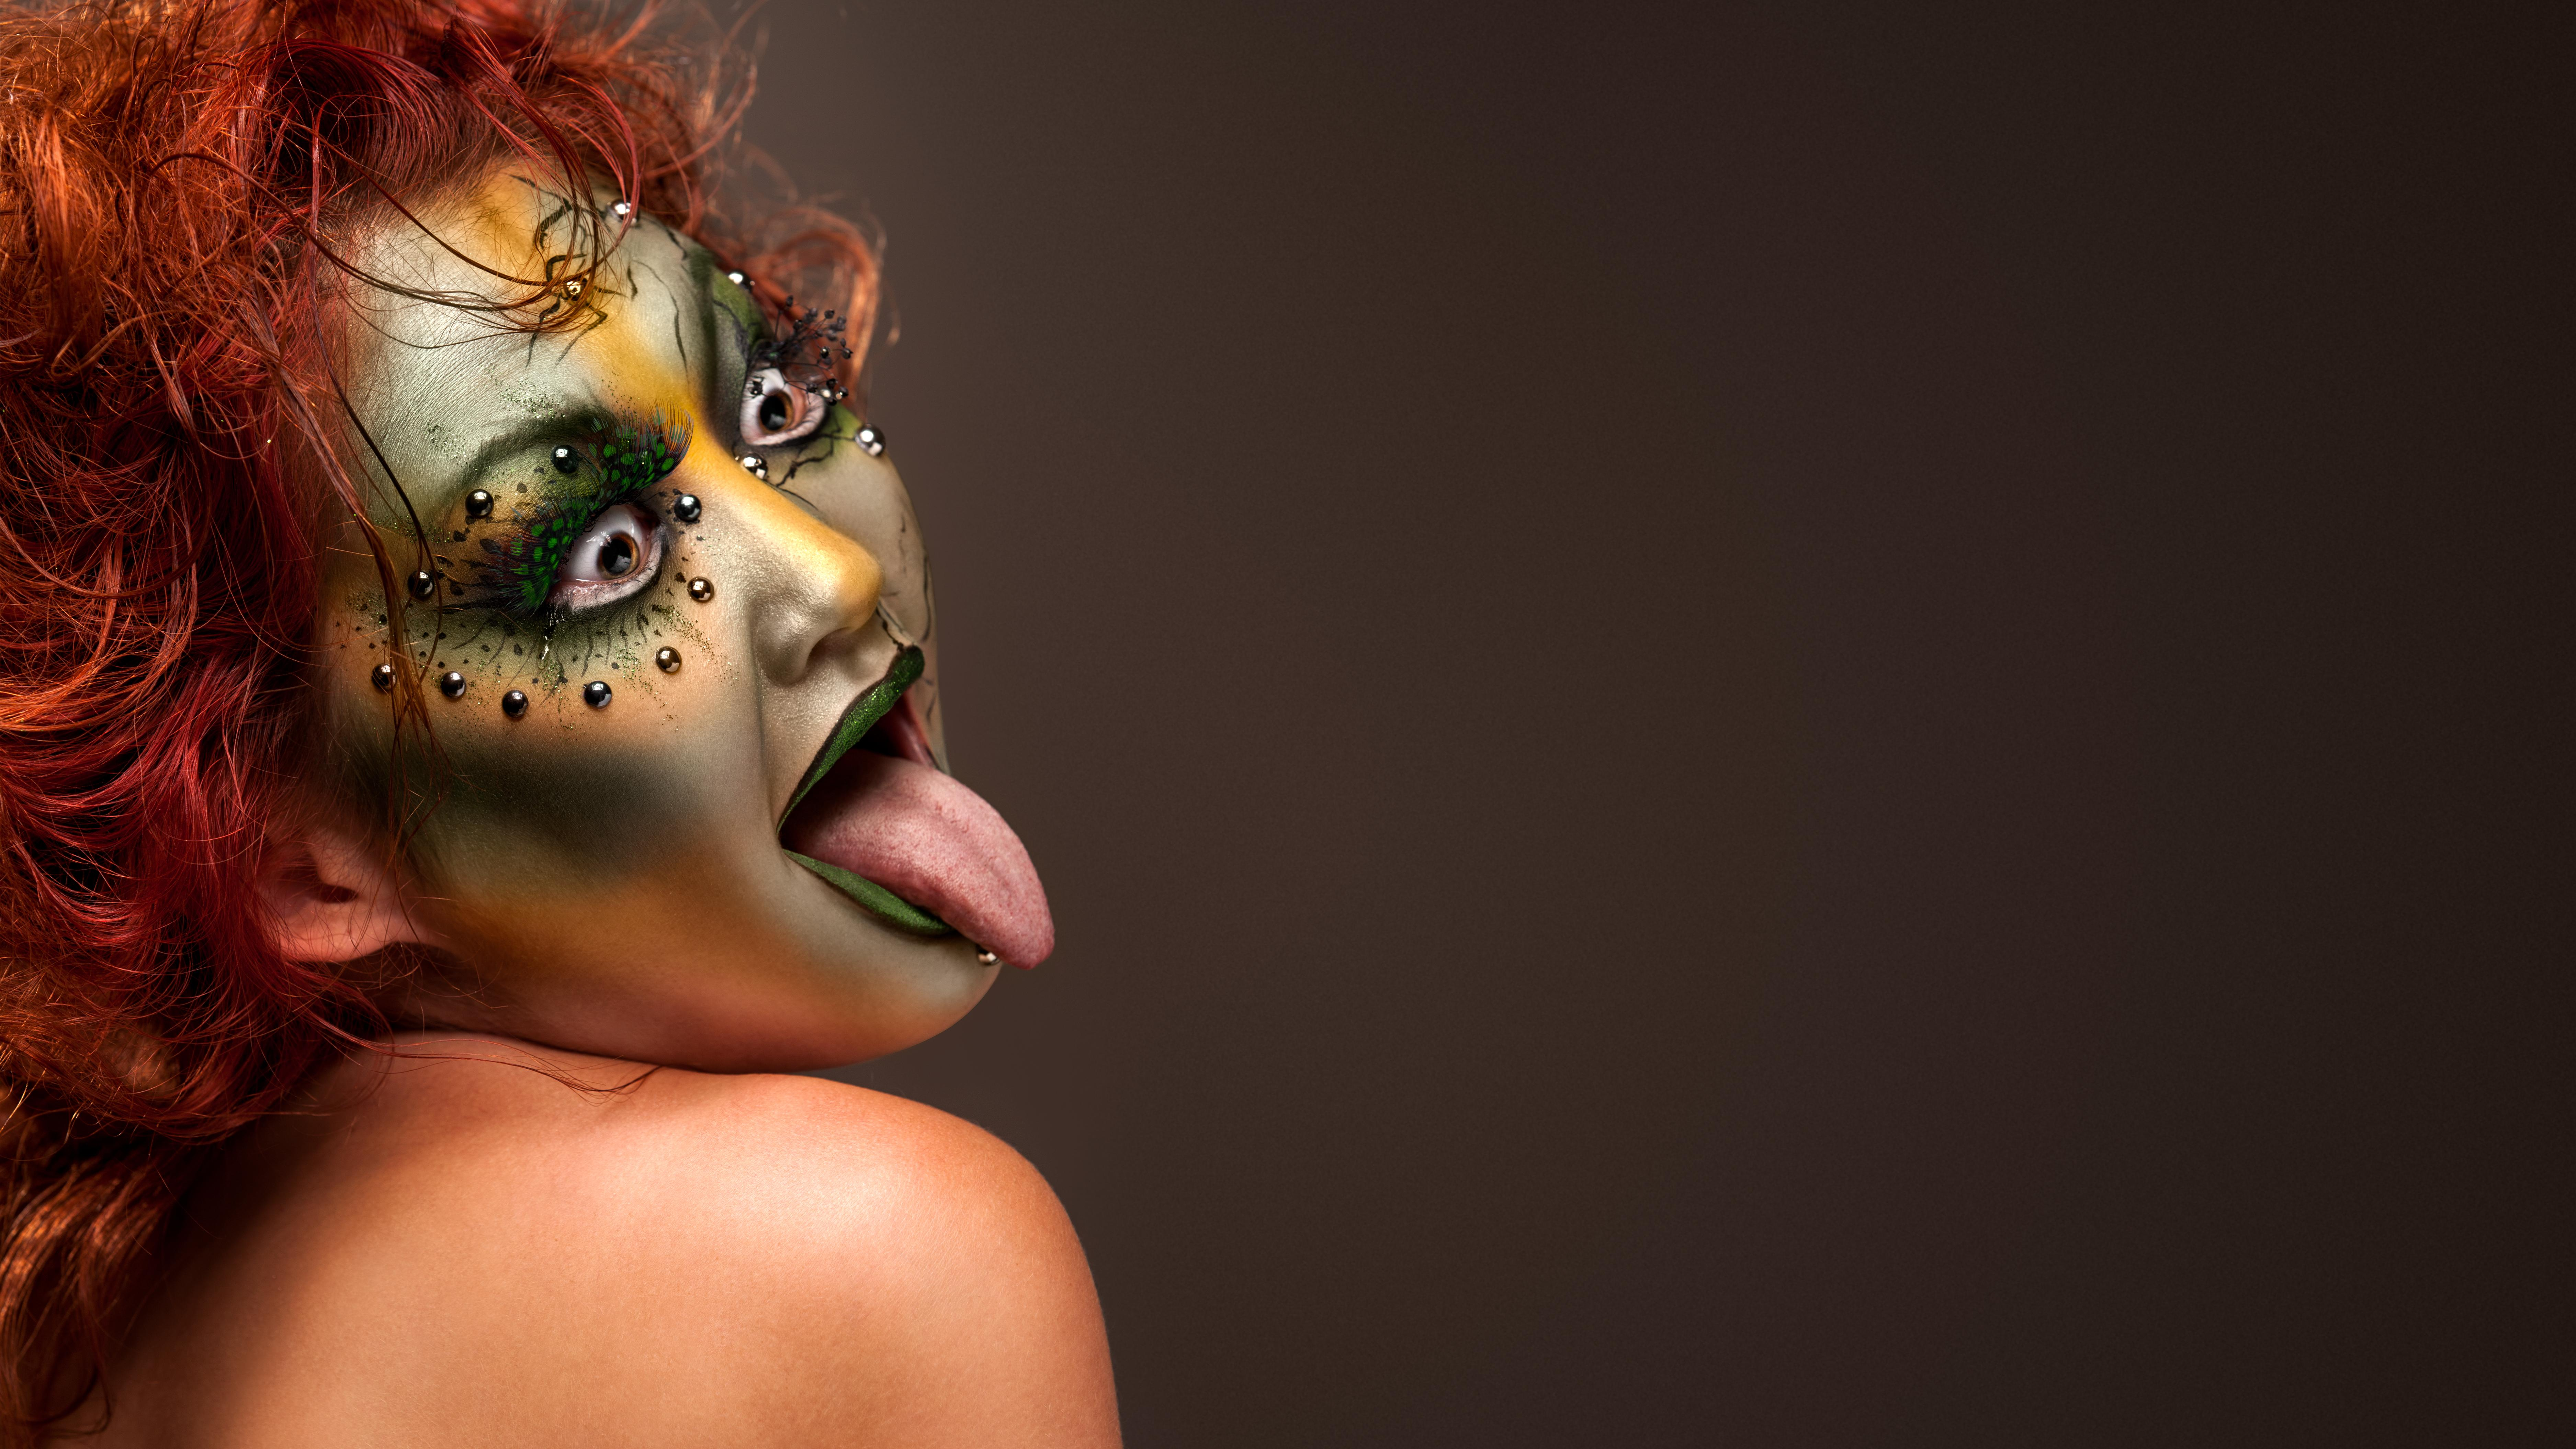 Hexe schminken - so einfach geht's